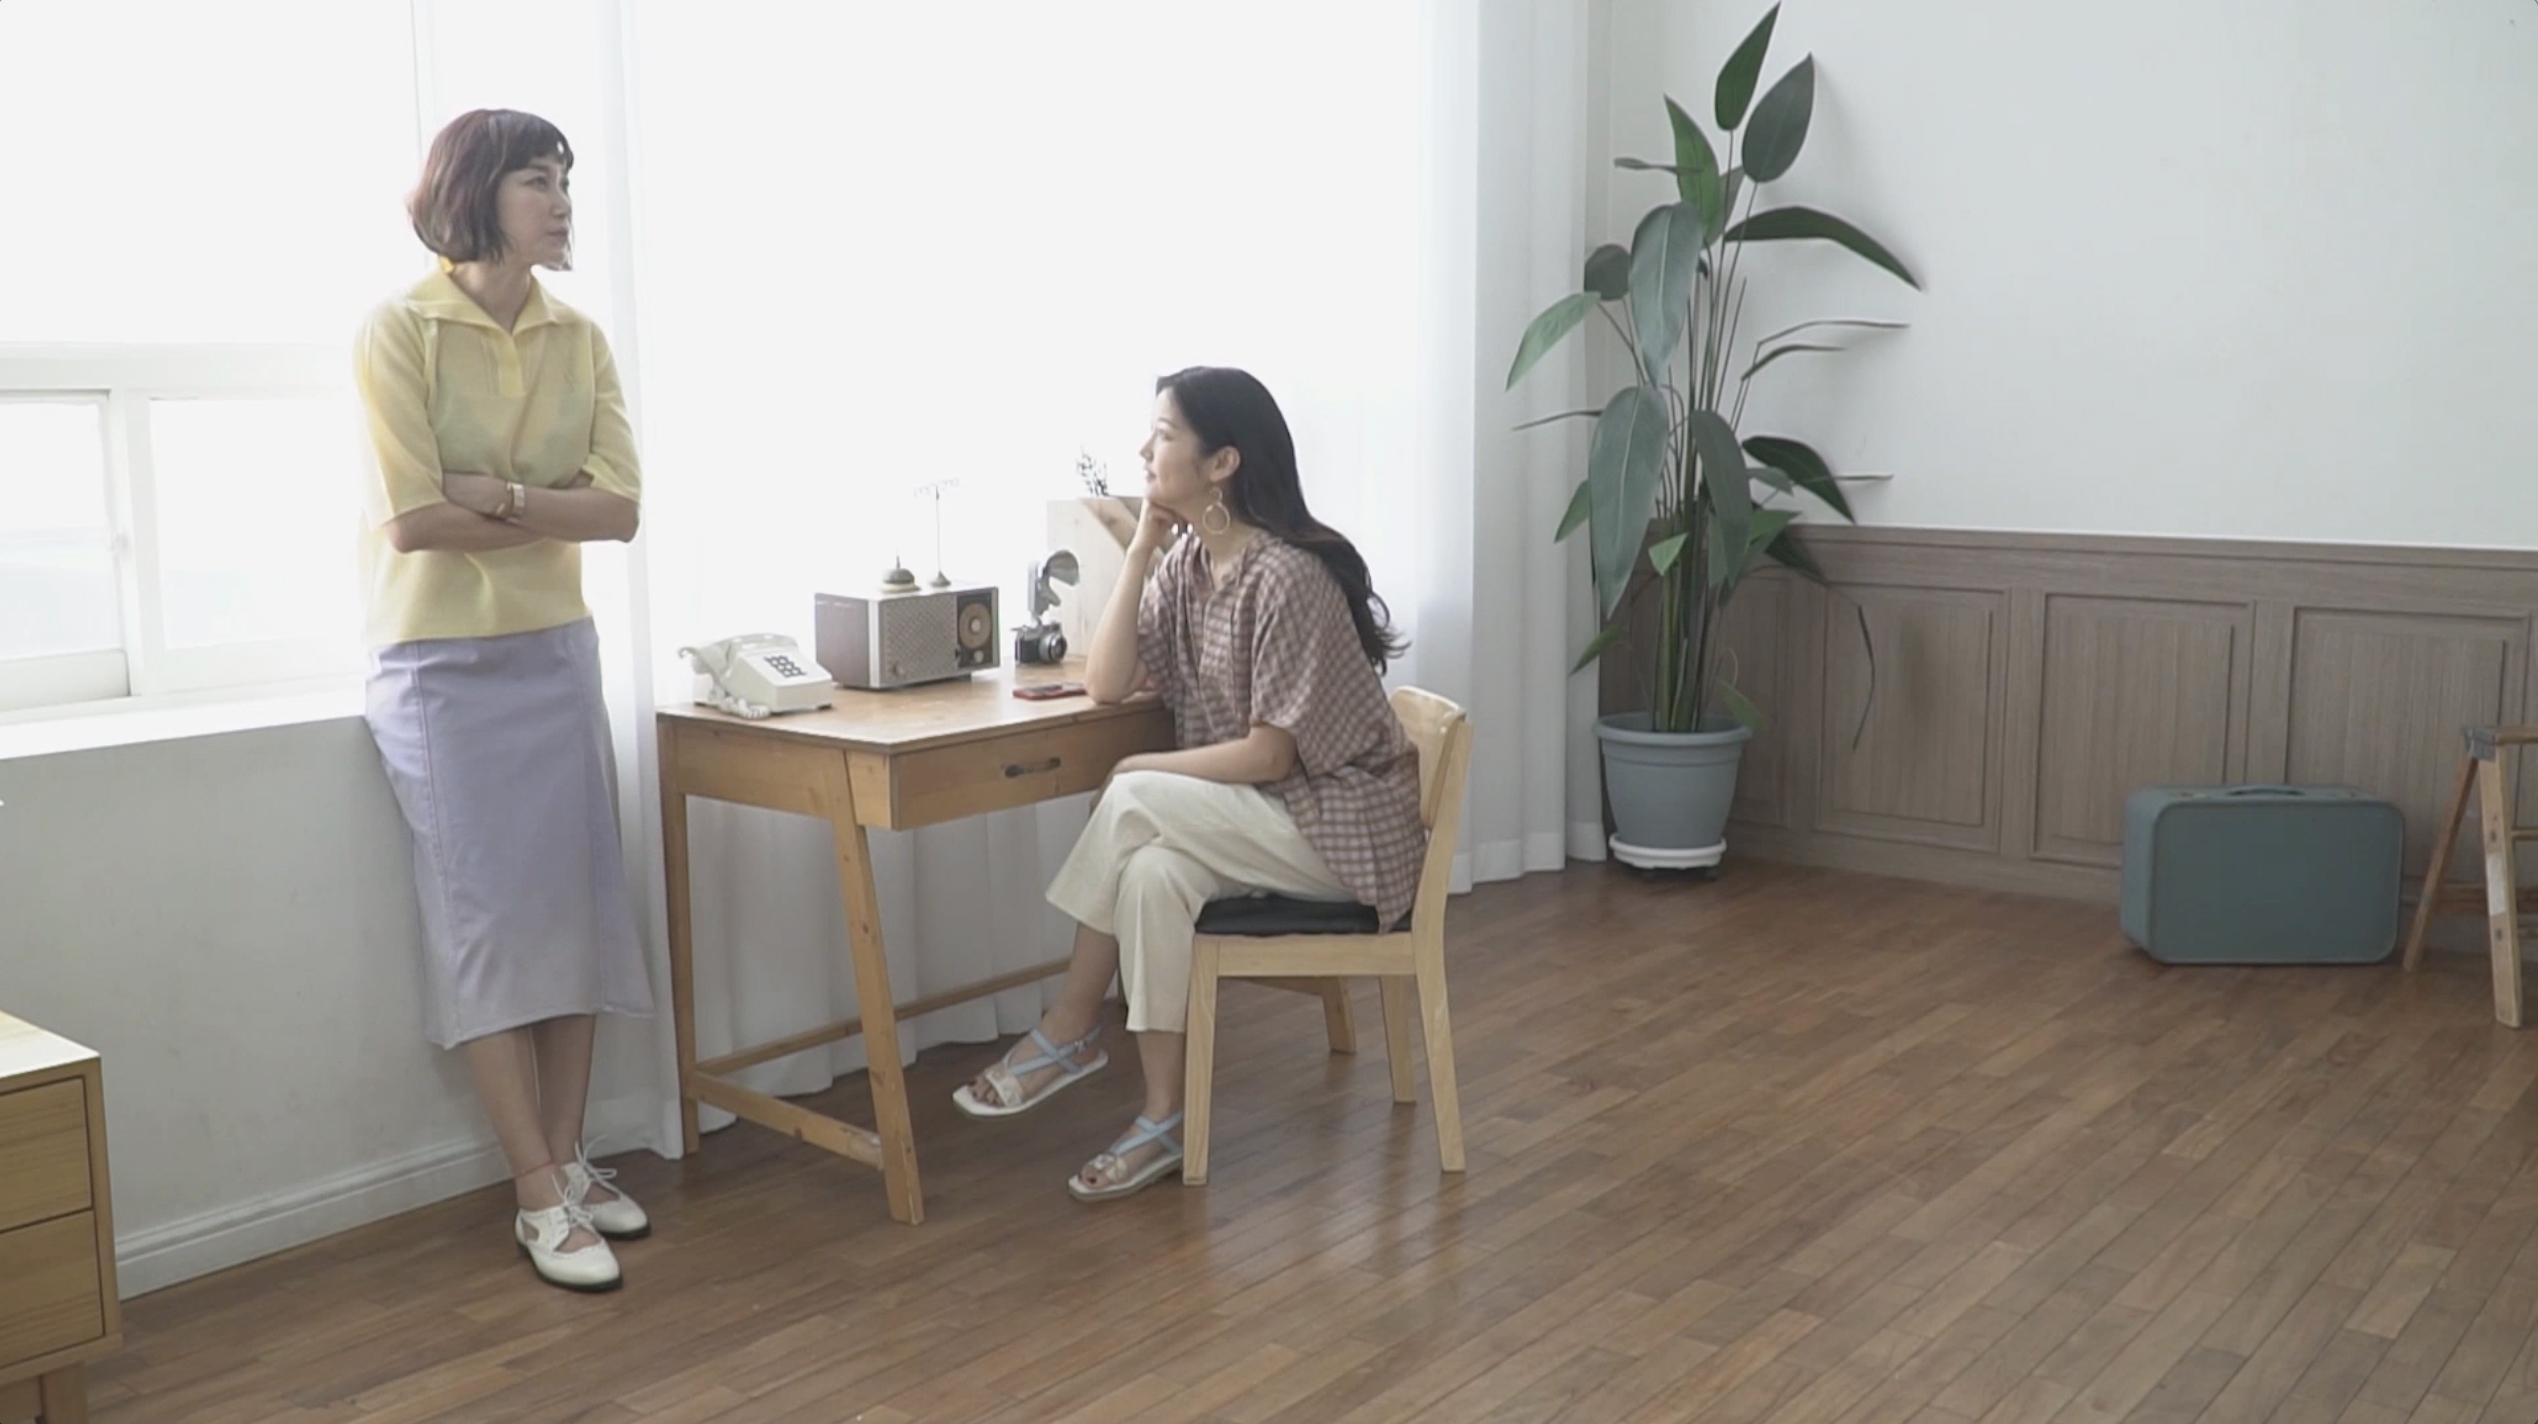 스타일리시한 변자매의 스타일링 배틀 영상